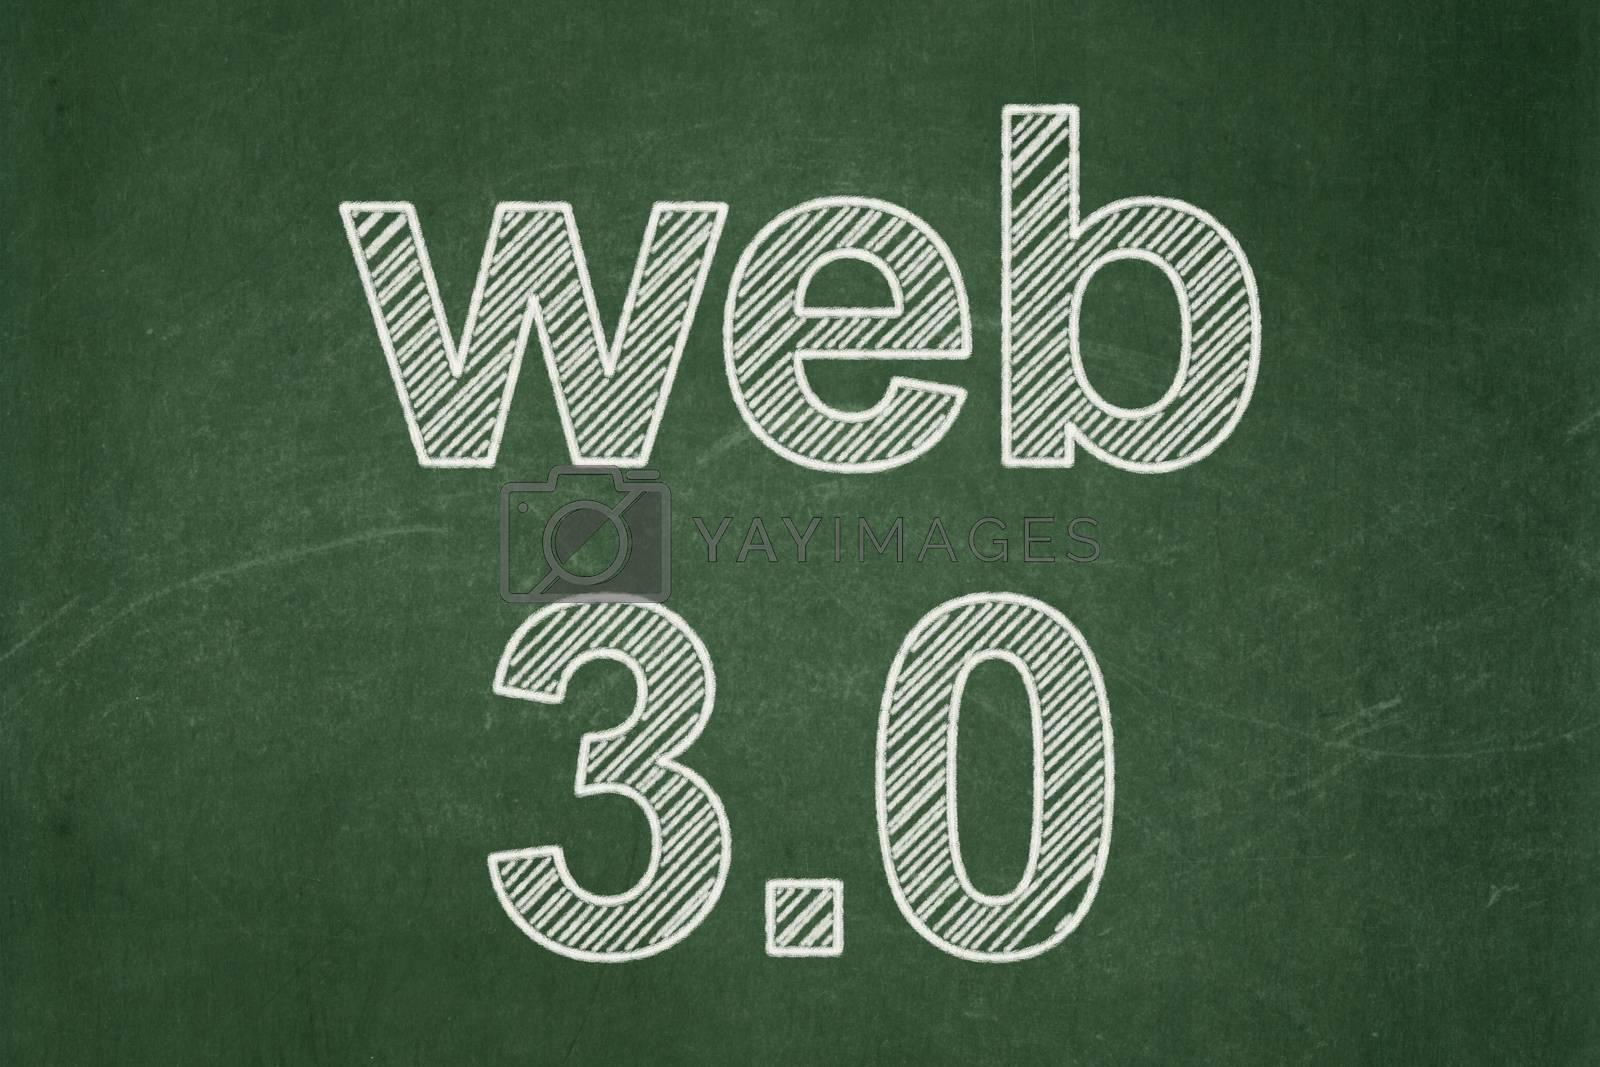 Web development concept: Web 3.0 on chalkboard background by maxkabakov